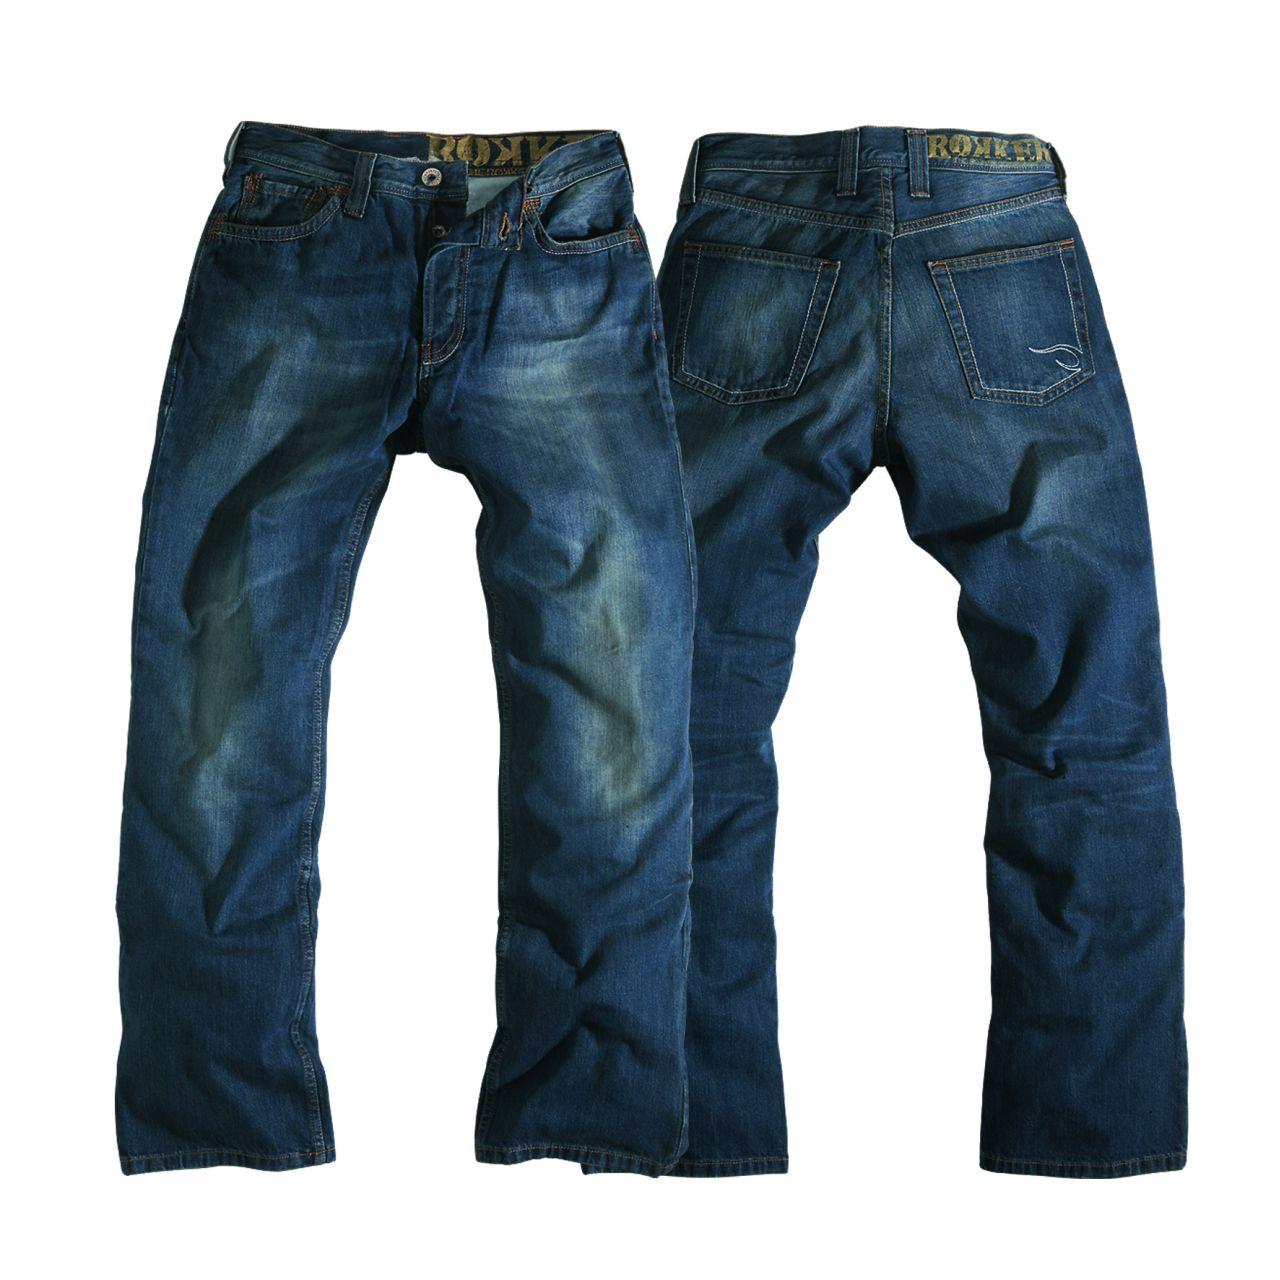 rokker original herren jeans mit kevlar im thunderbike shop. Black Bedroom Furniture Sets. Home Design Ideas